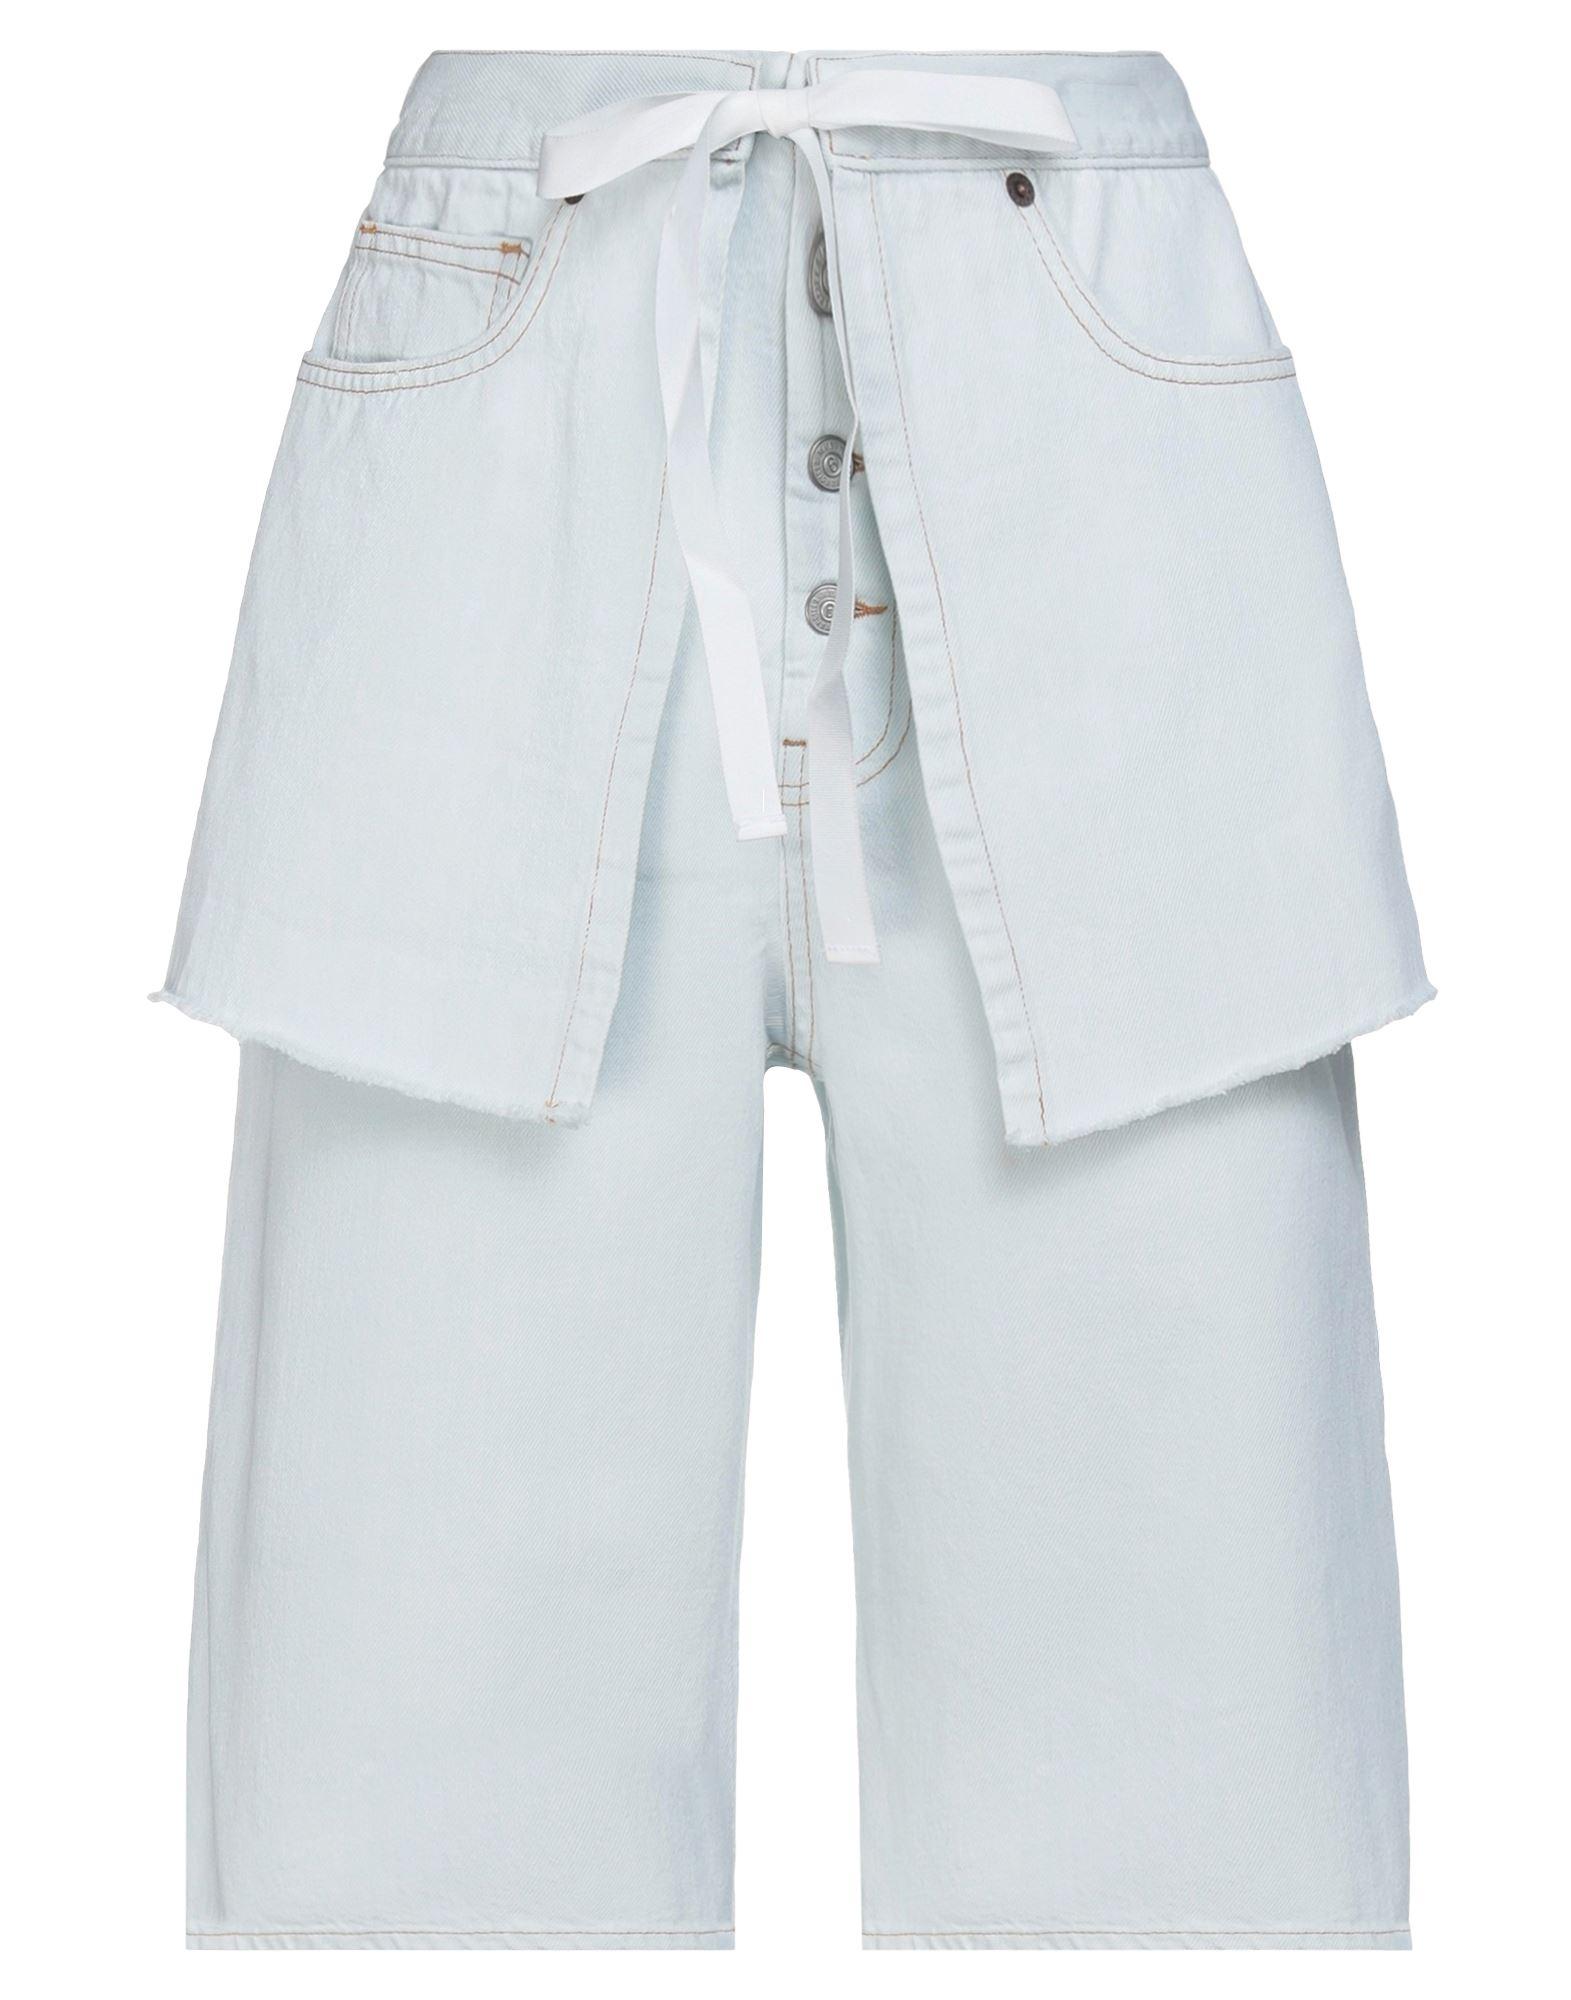 MM6 MAISON MARGIELA Джинсовые бермуды mm6 maison margiela джинсовые шорты